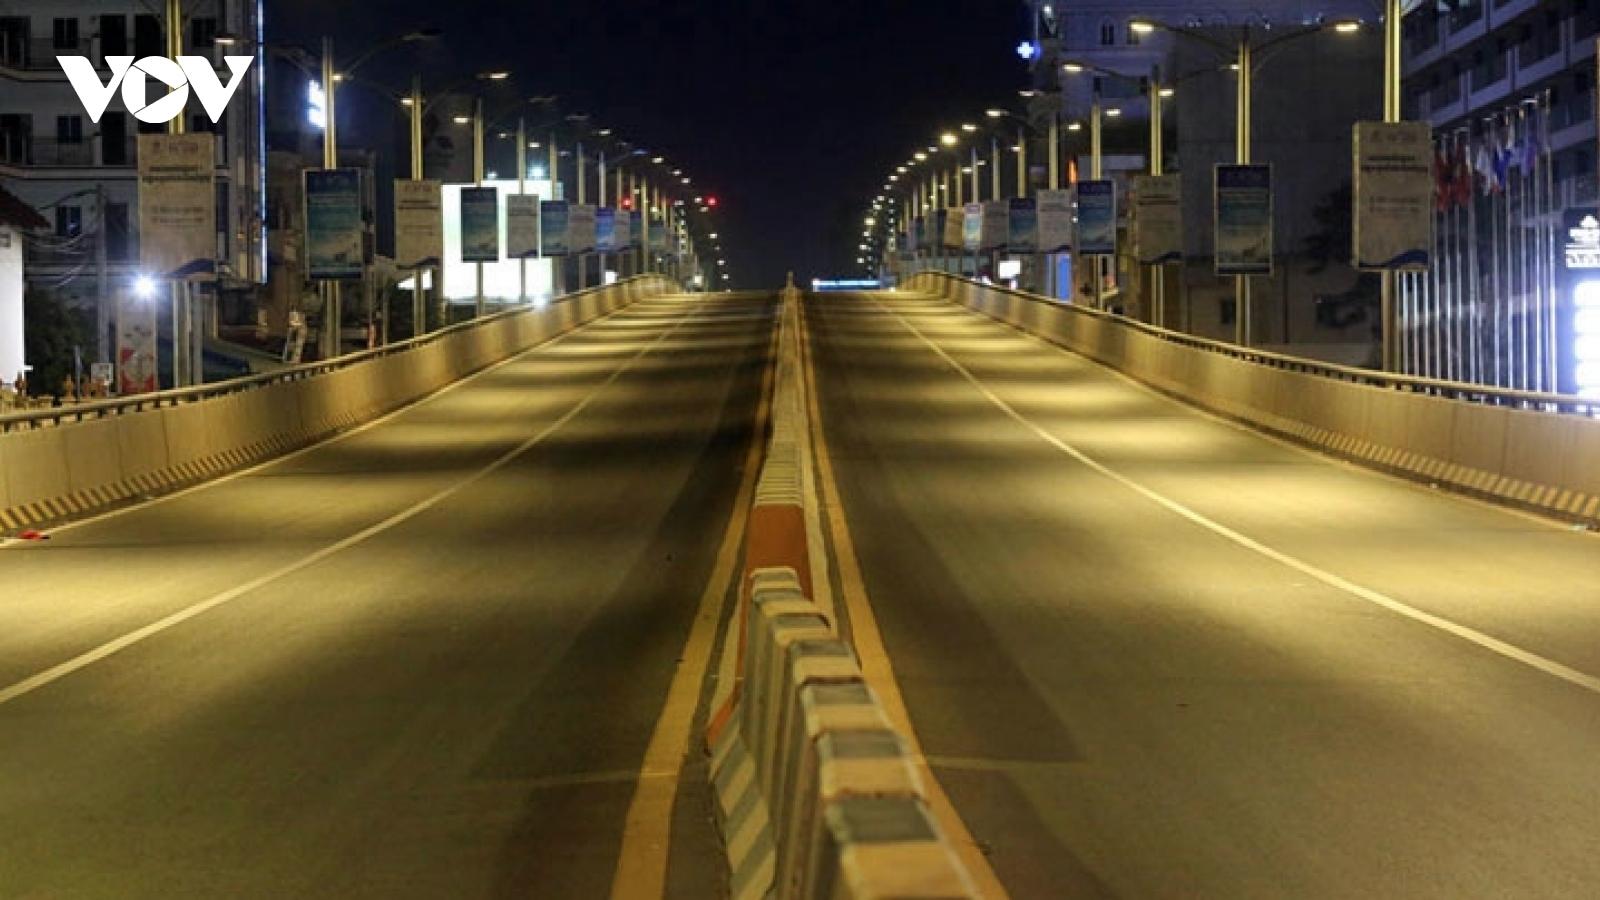 Phnom Penh kéo dài giới nghiêm trước Tết dân tộc, Thái Lan yên lặng đón Tết cổ truyền